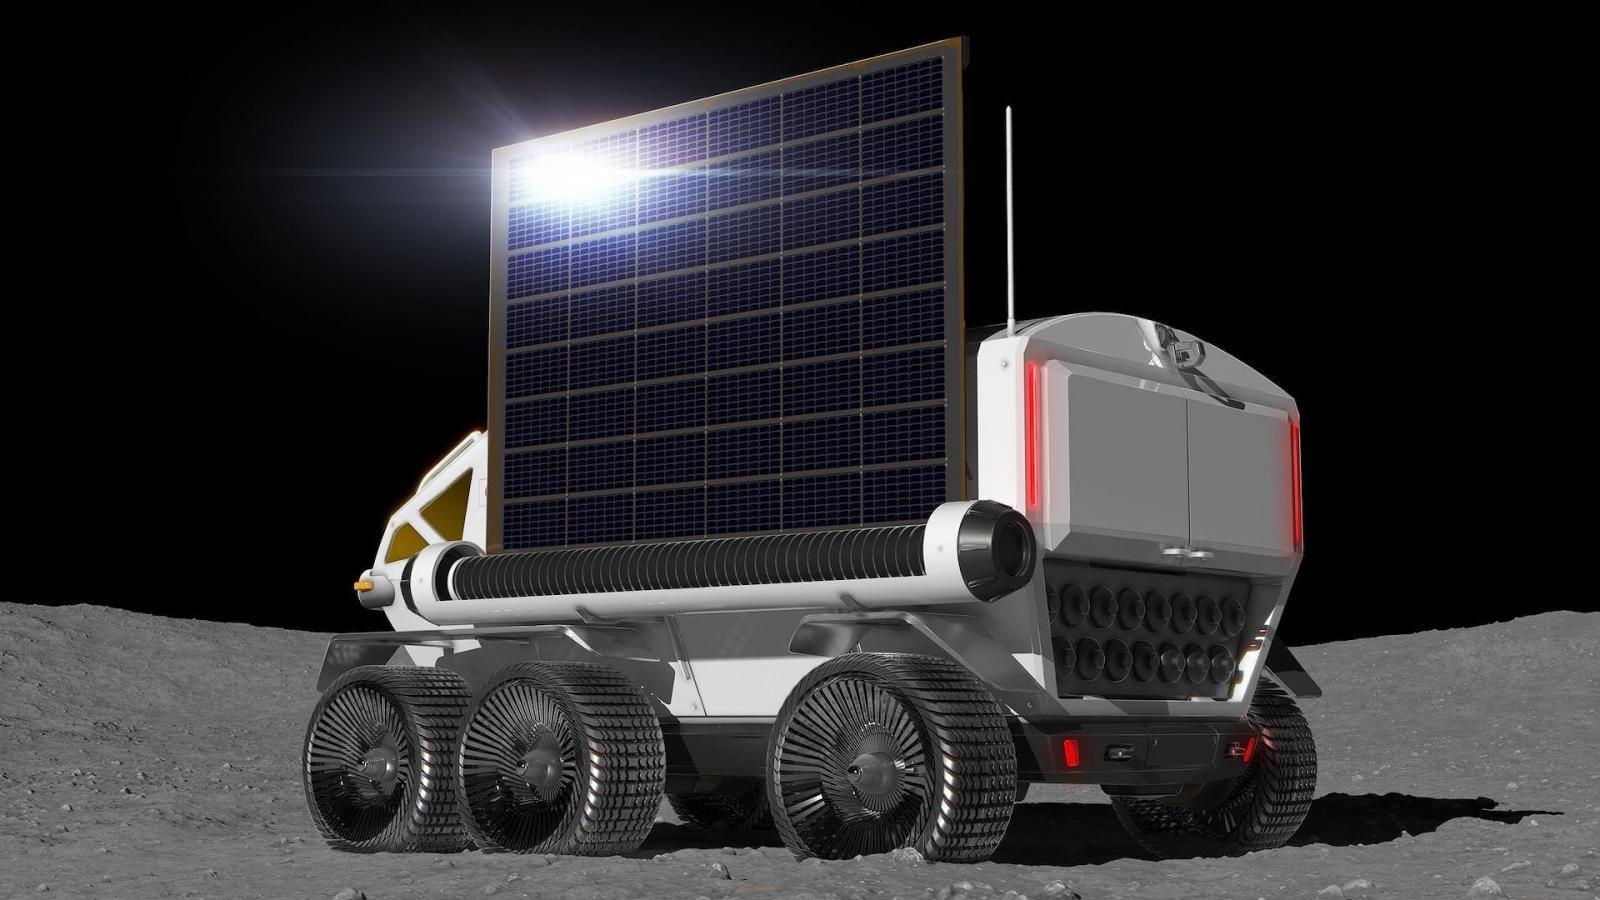 xe Toyota concept di chuyển trên mặt trăng a3